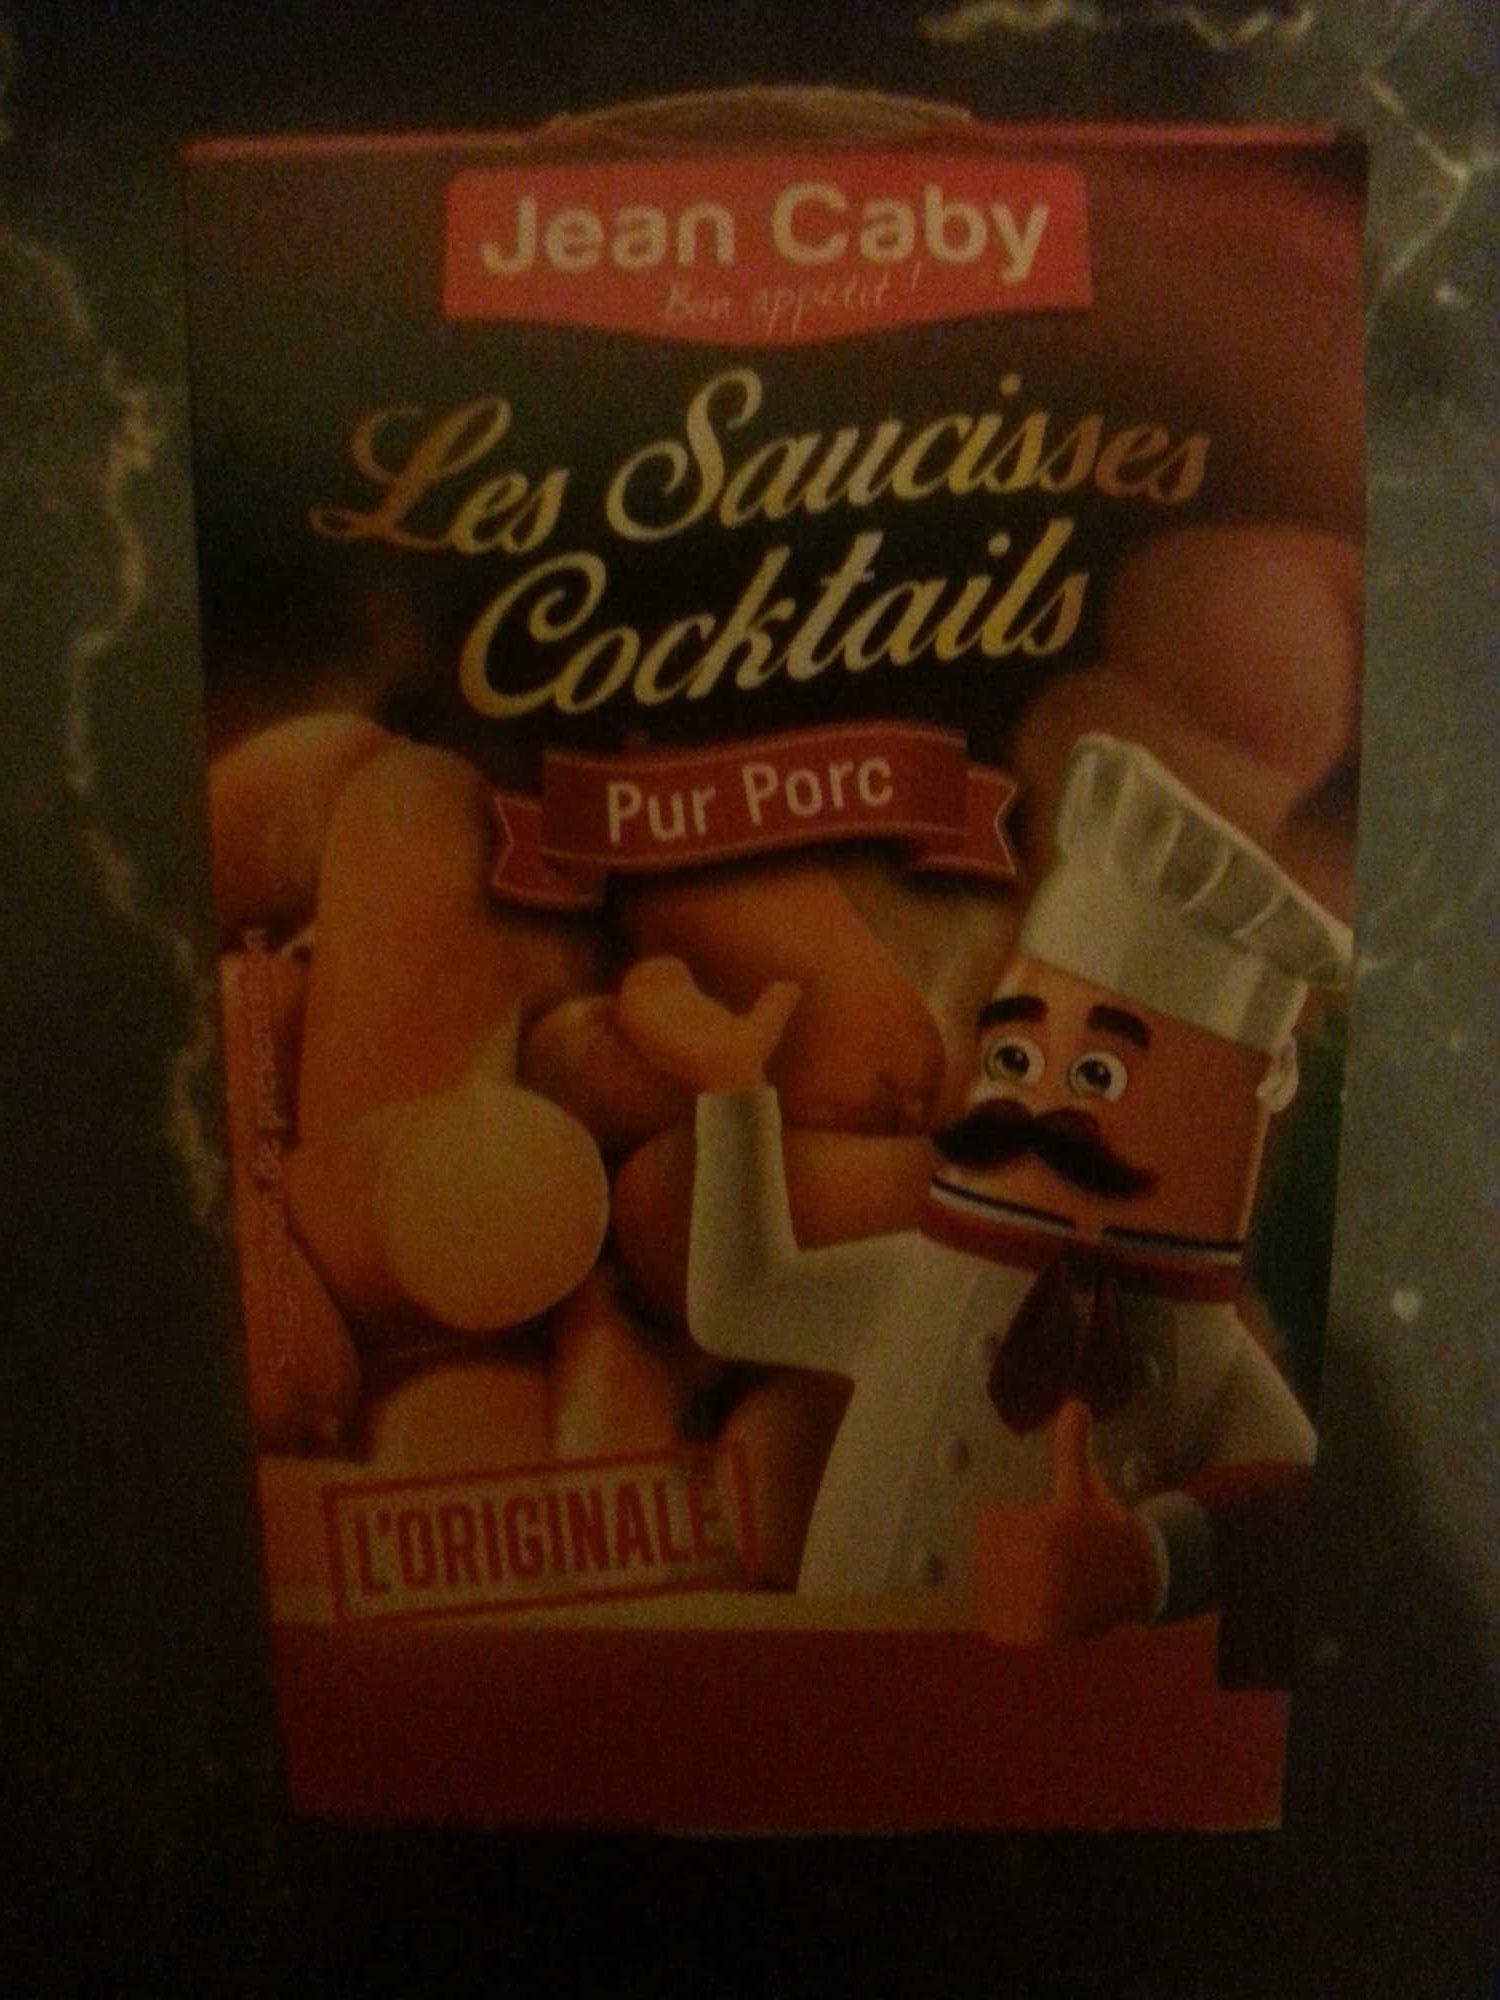 Les saucisses cocktails - Product - fr